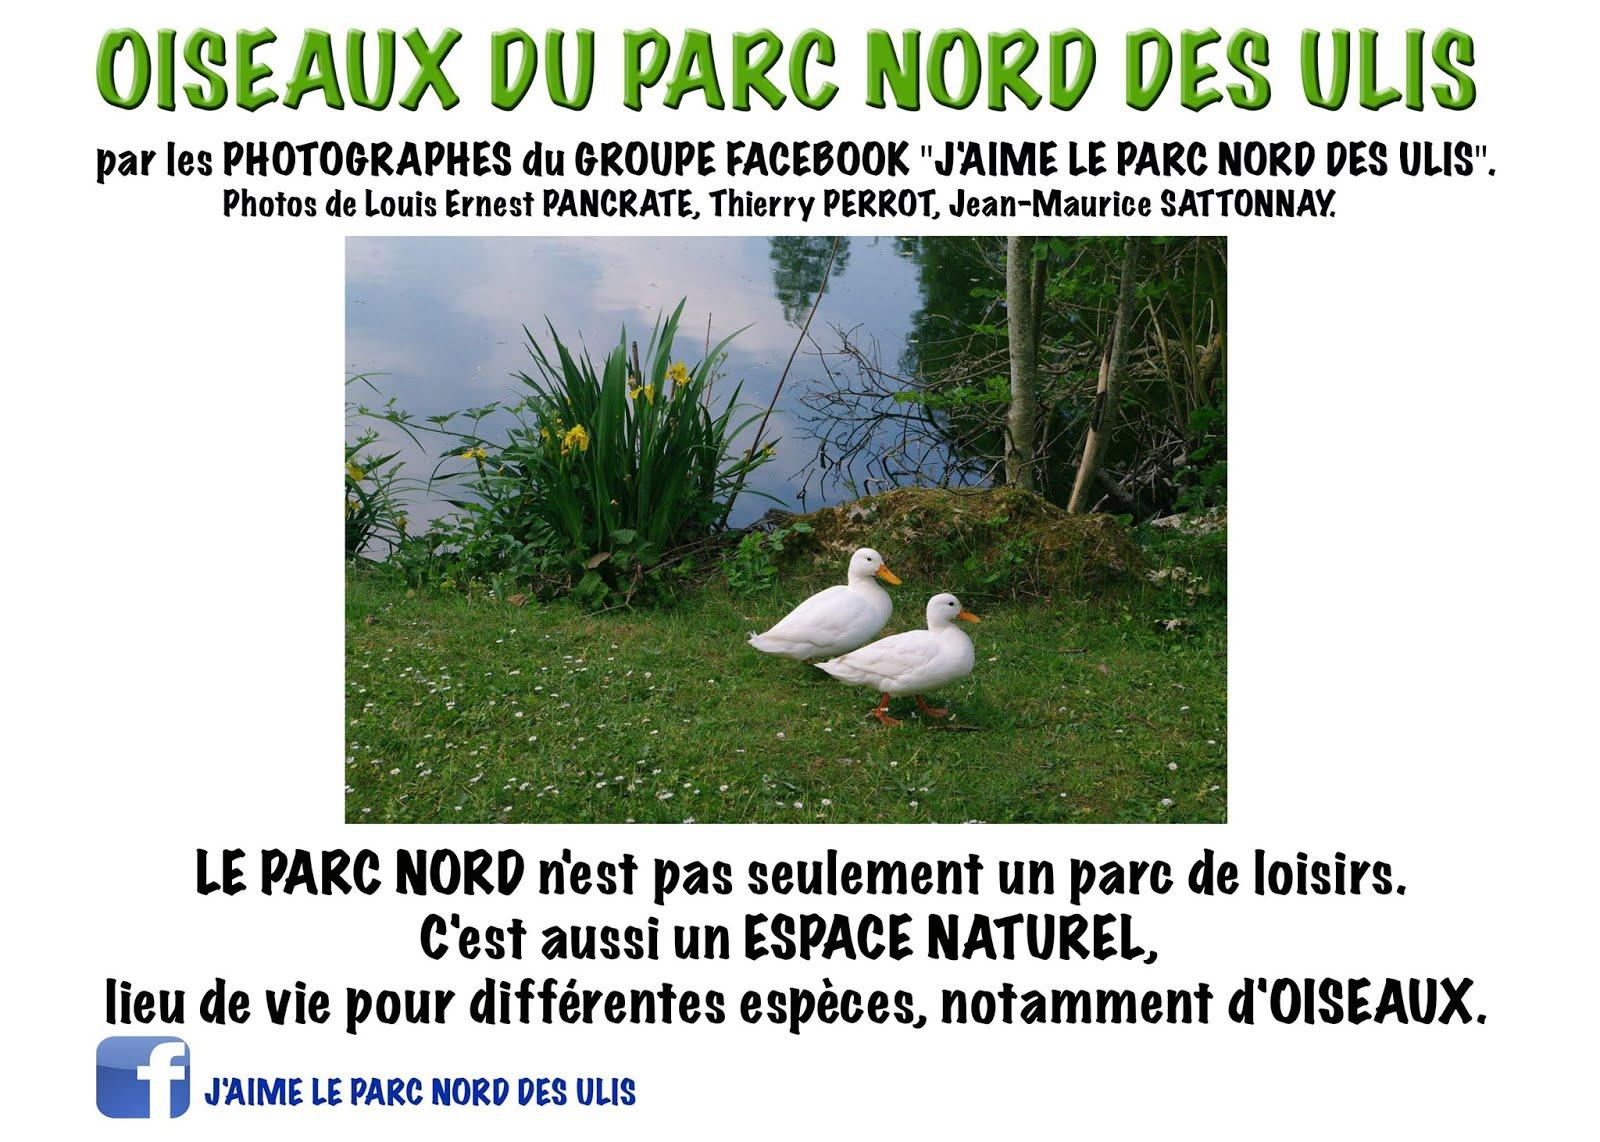 EXPOSITION/ LES OISEAUX DU PARC DES ULIS A LA MEDIATHEQUE DES ULIS jusqu'au 30/6/18.